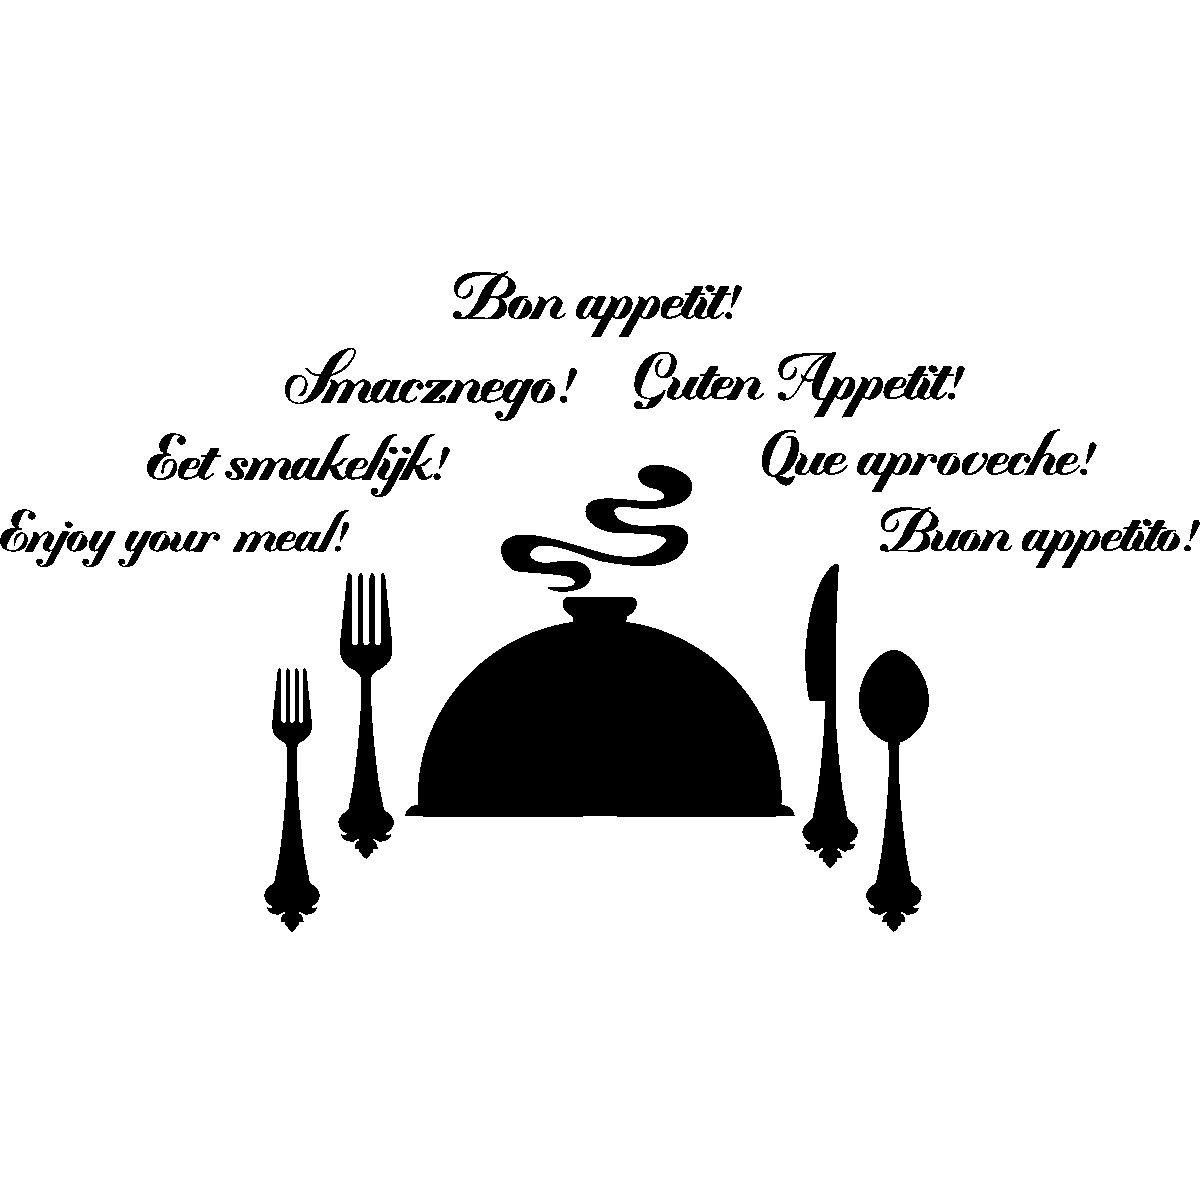 """Résultat de recherche d'images pour """"Guten appétit"""""""